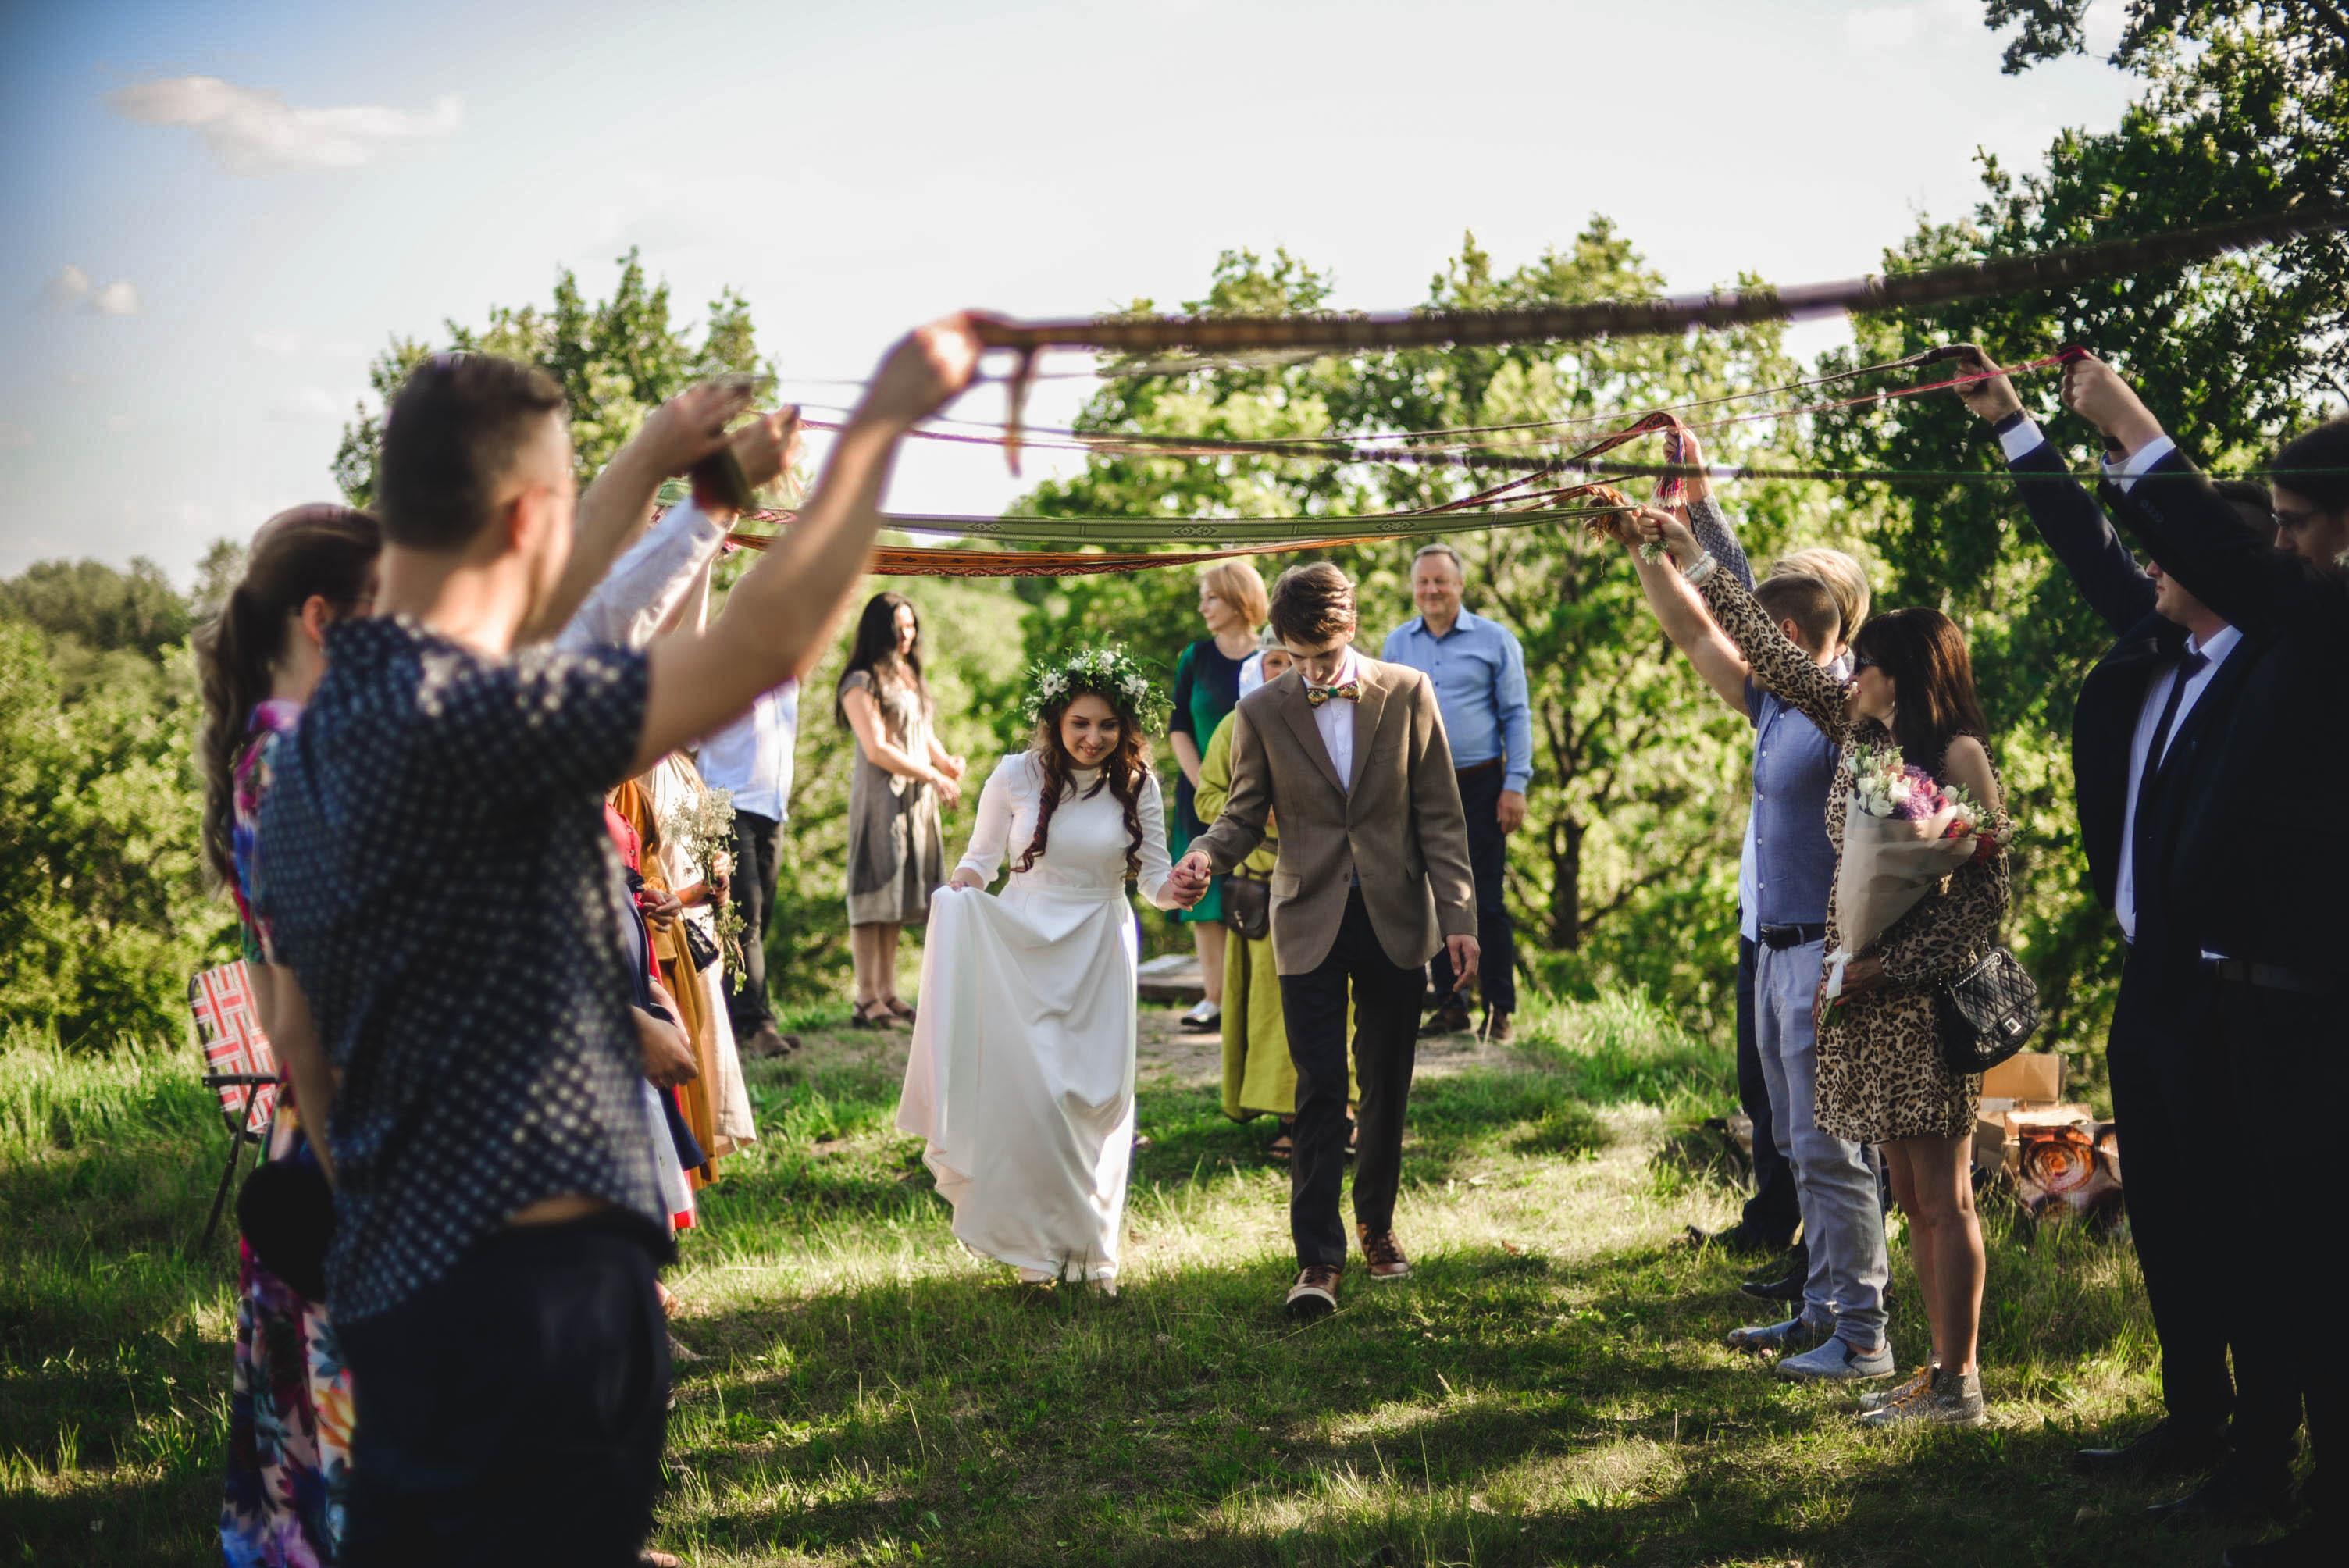 Kėdainietės Rusnės Ivaškevičiūtės- Povilaitienės jungtuvės vyko ant Bakainių piliakalnio, o į tuoktuvių ceremoniją buvo įtraukti ir vestuvių svečiai.